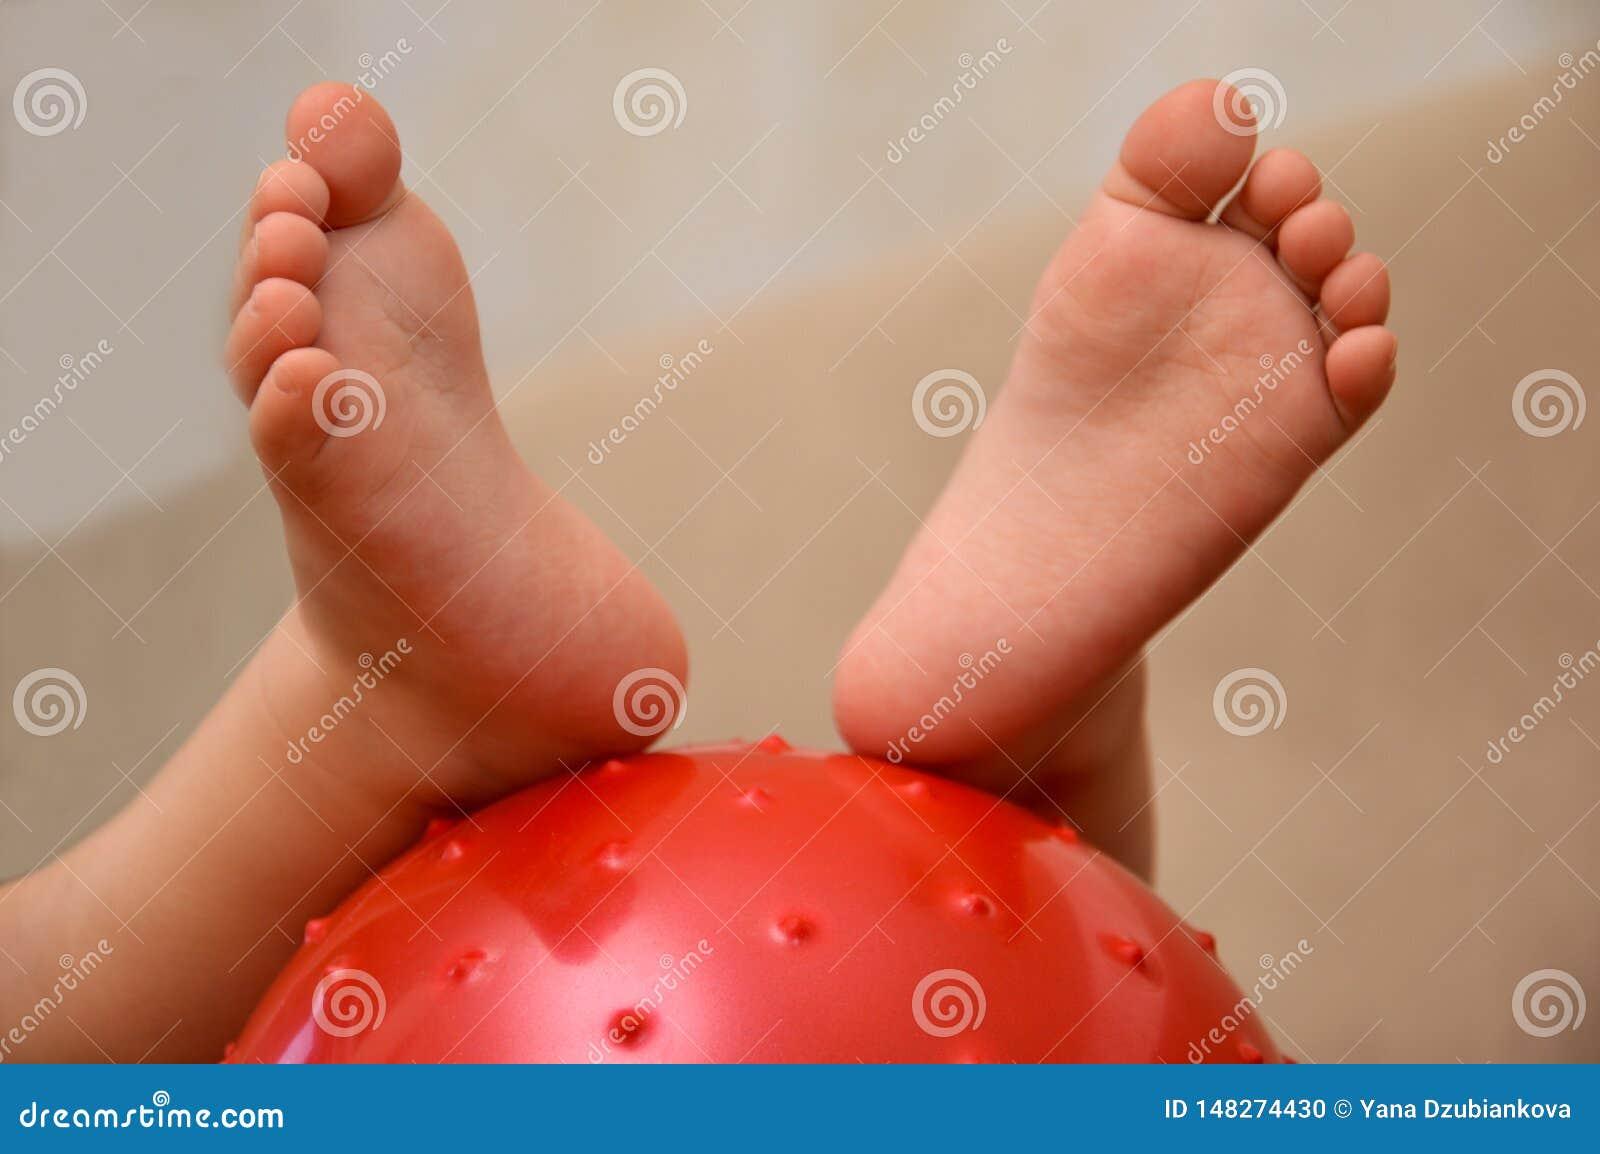 De voeten van kinderen op de bal Babyvoeten op de bal Kleine babyvoeten